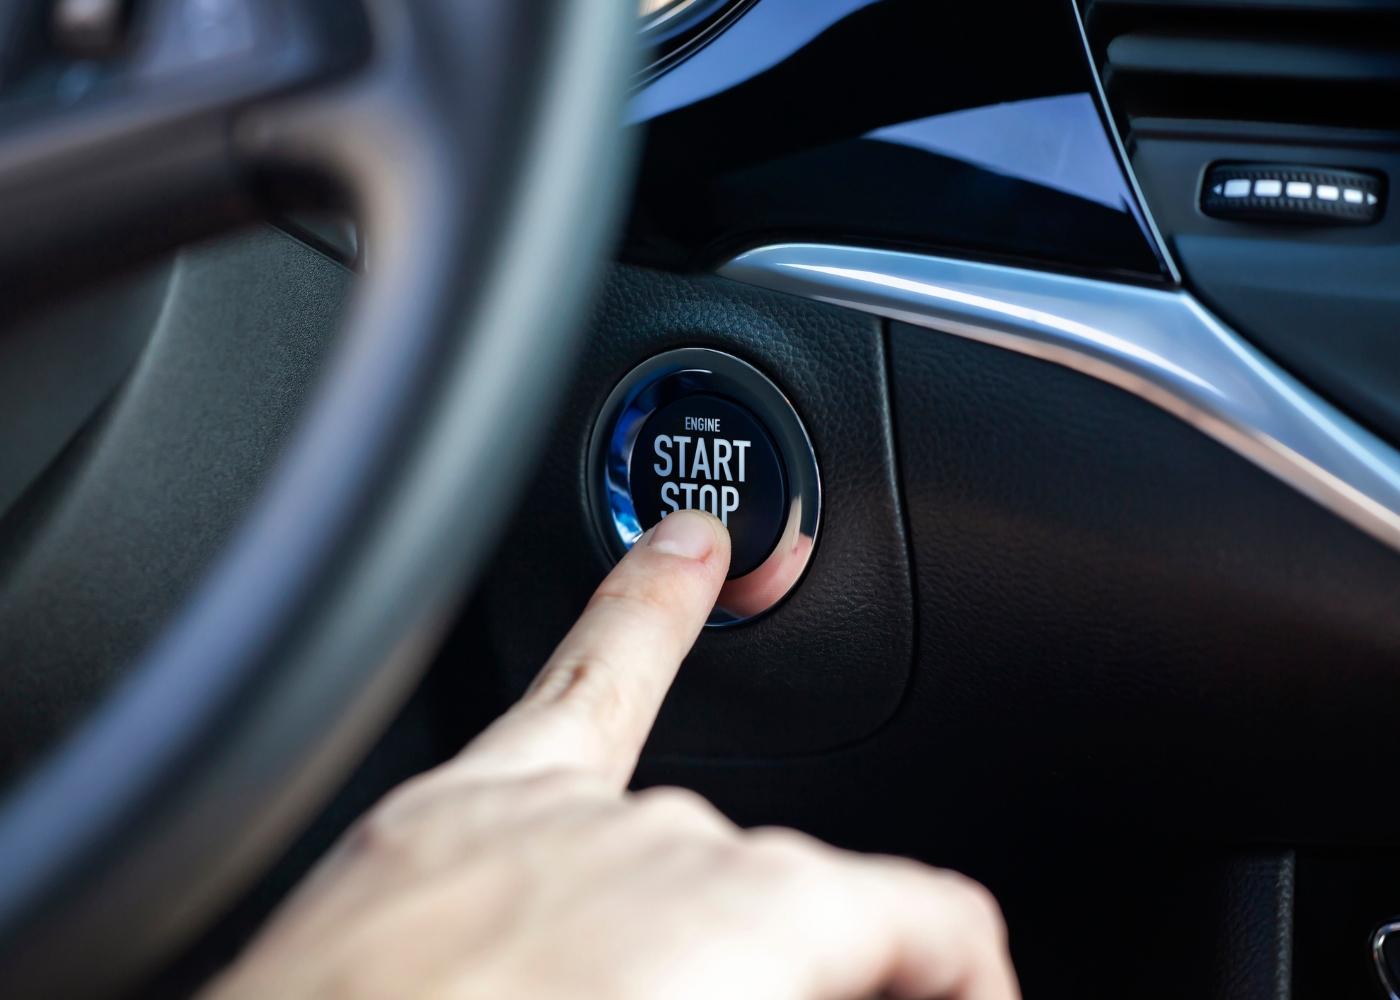 condutor a carregar no botão start and stop